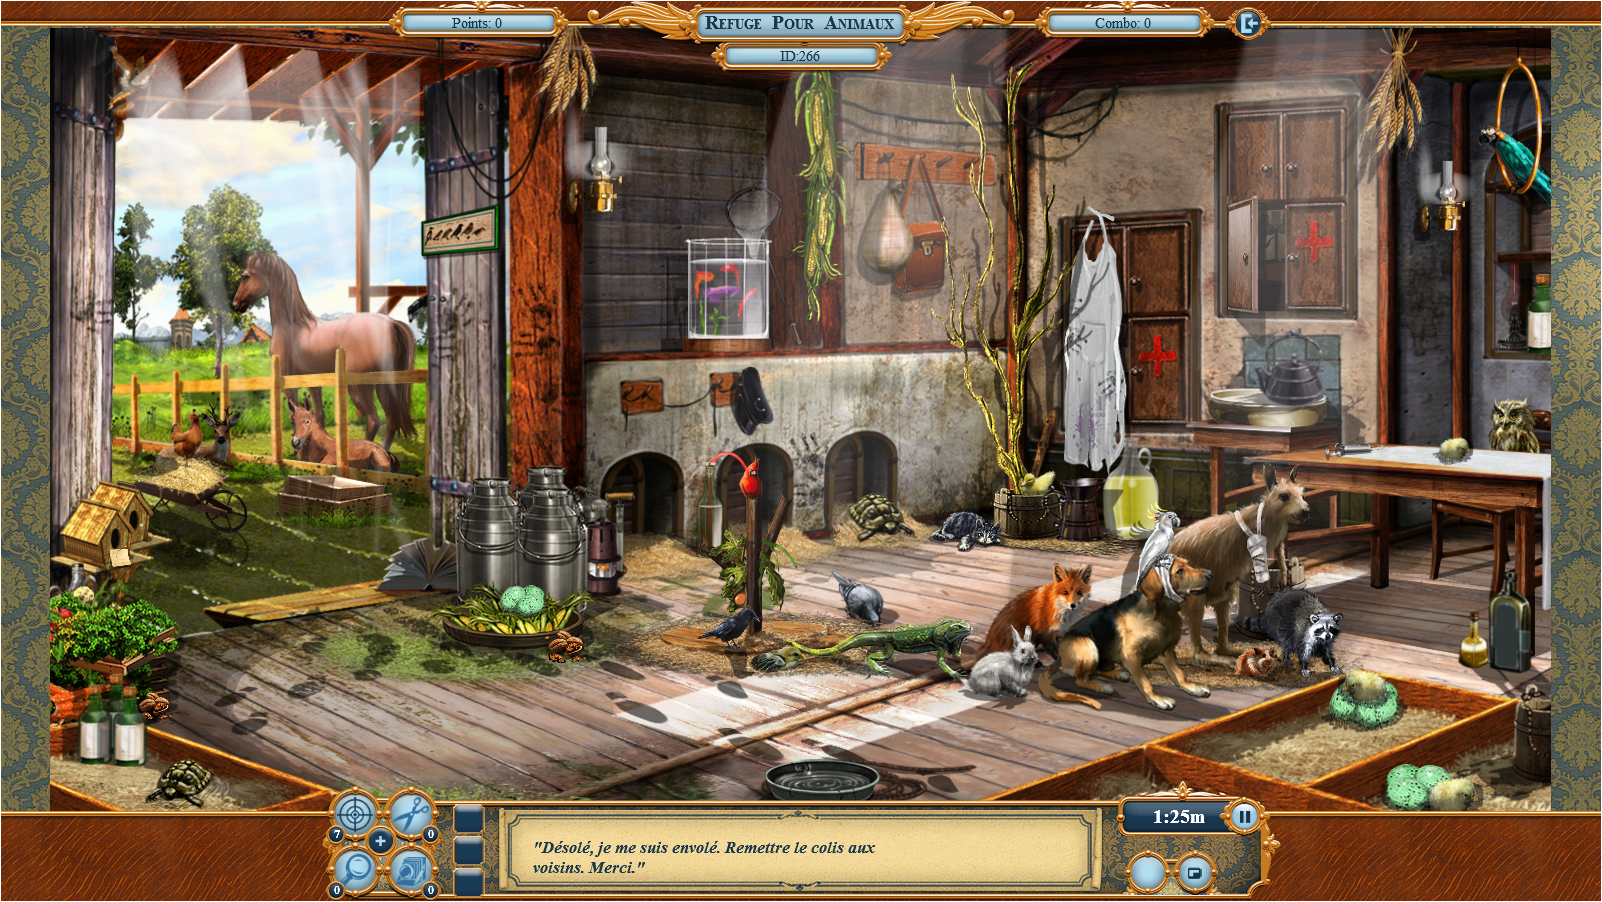 refuge pour animaux jeu 1